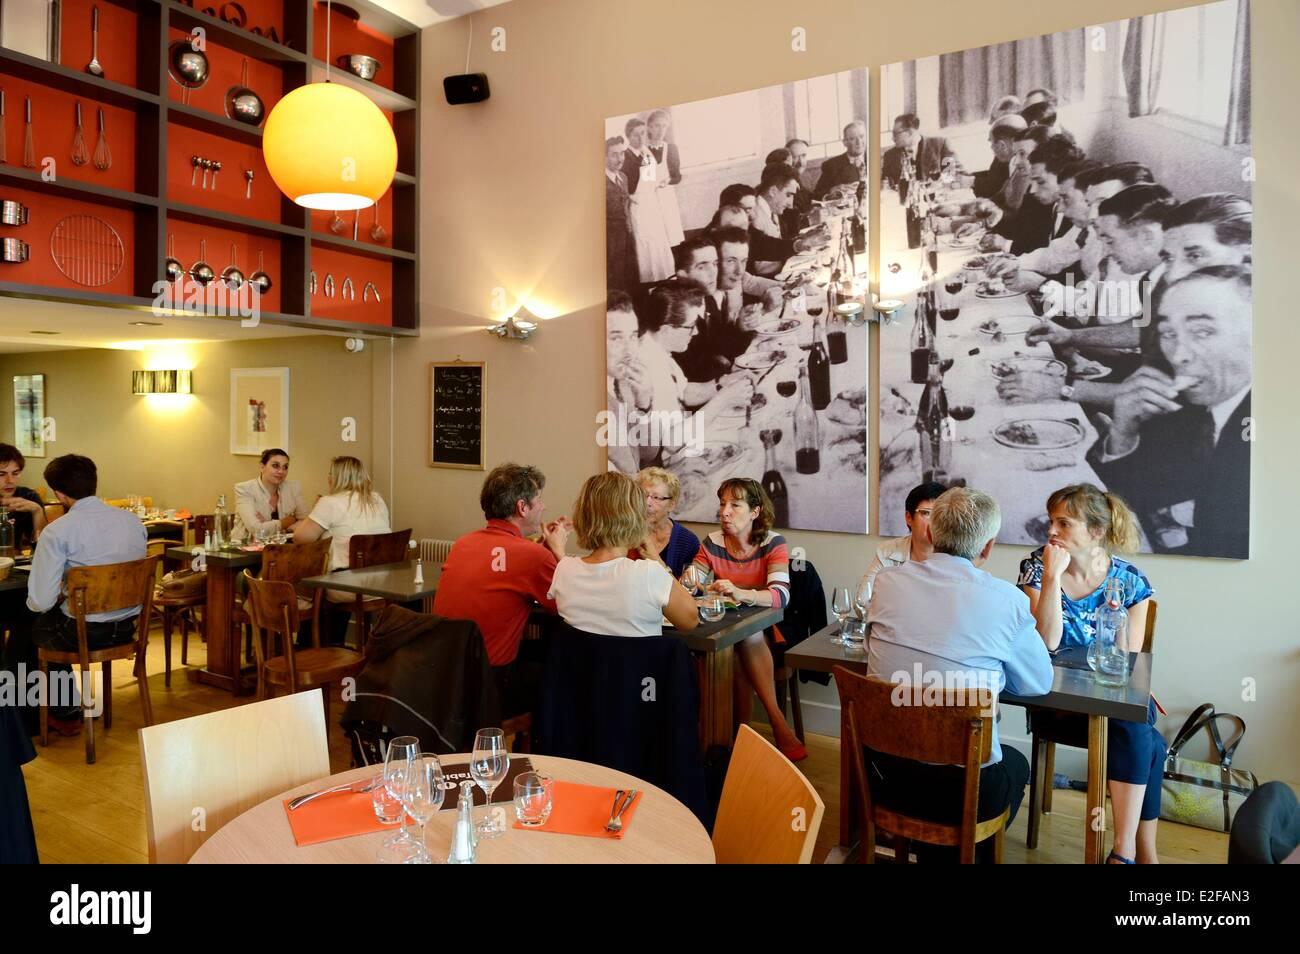 France Rhone Lyon La Croix Rousse District La Table Restaurant